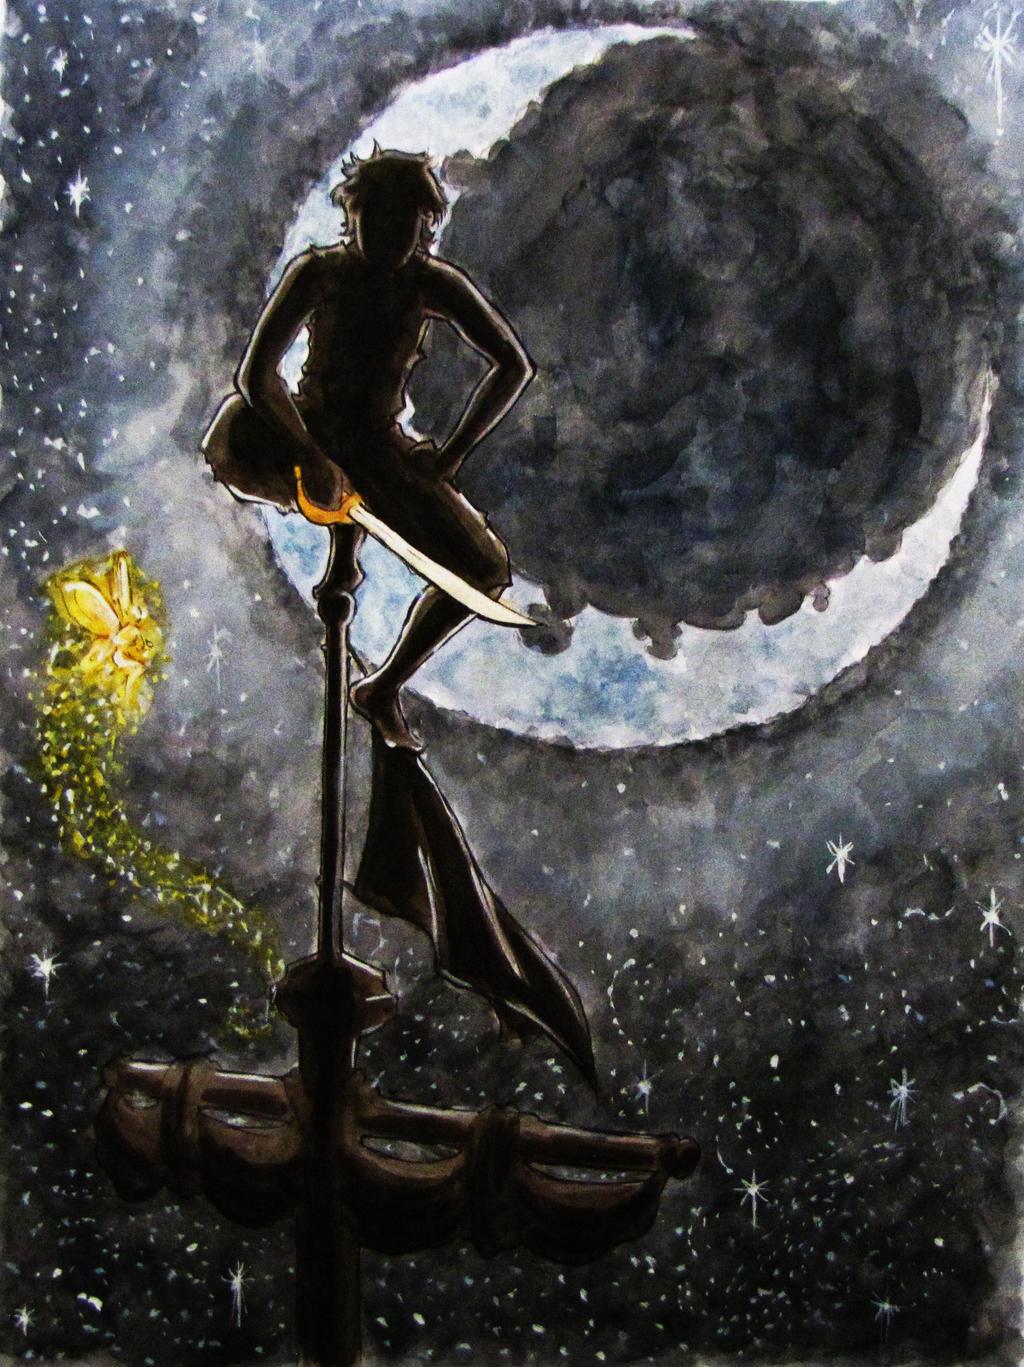 Peter Pan by EllaWilliams on DeviantArt - 368.0KB